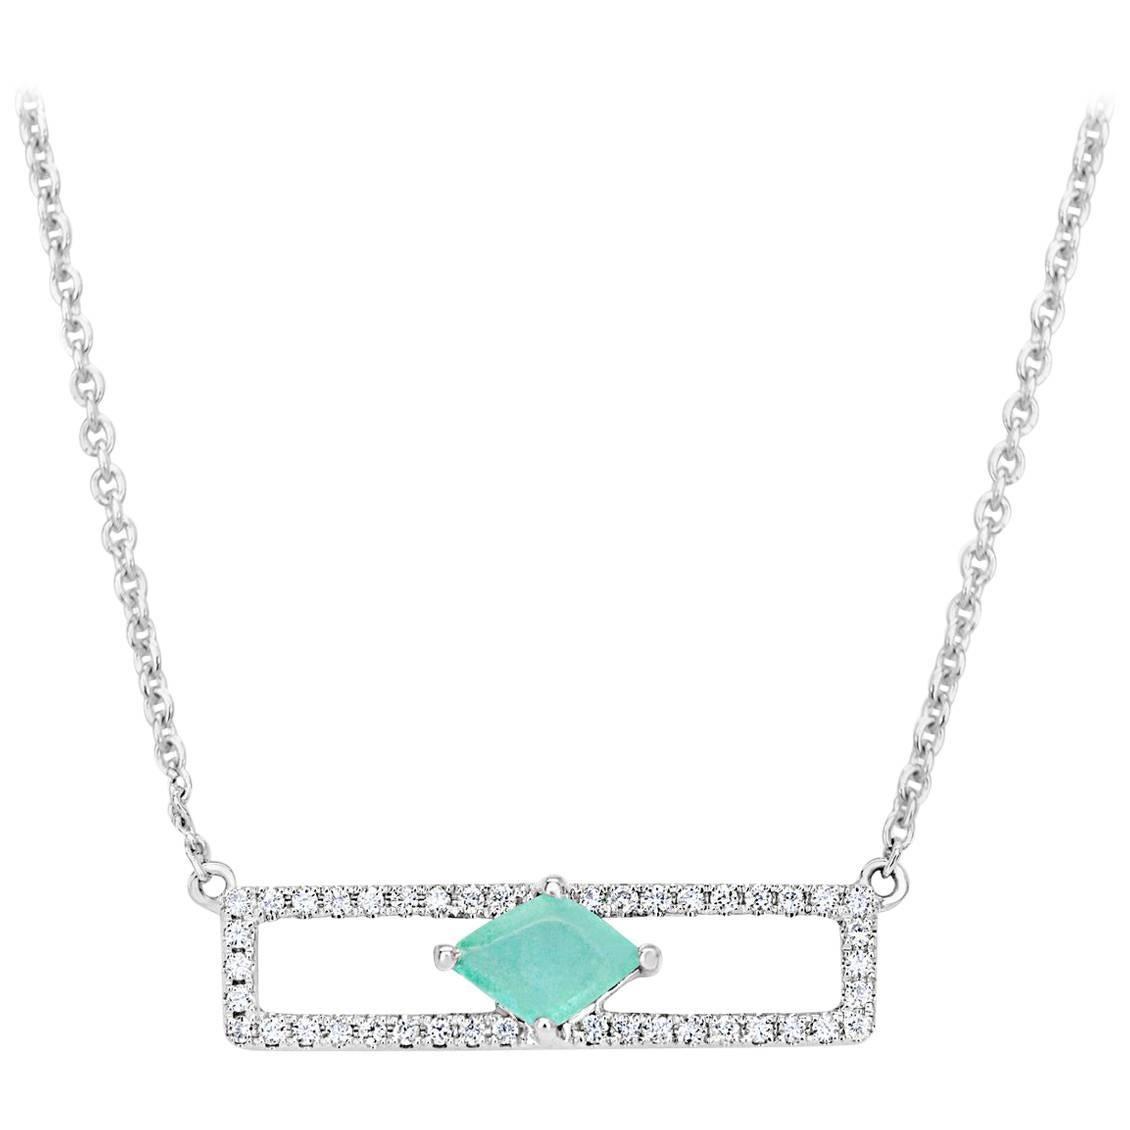 Rectangular Diamond Bar with Emerald Necklace